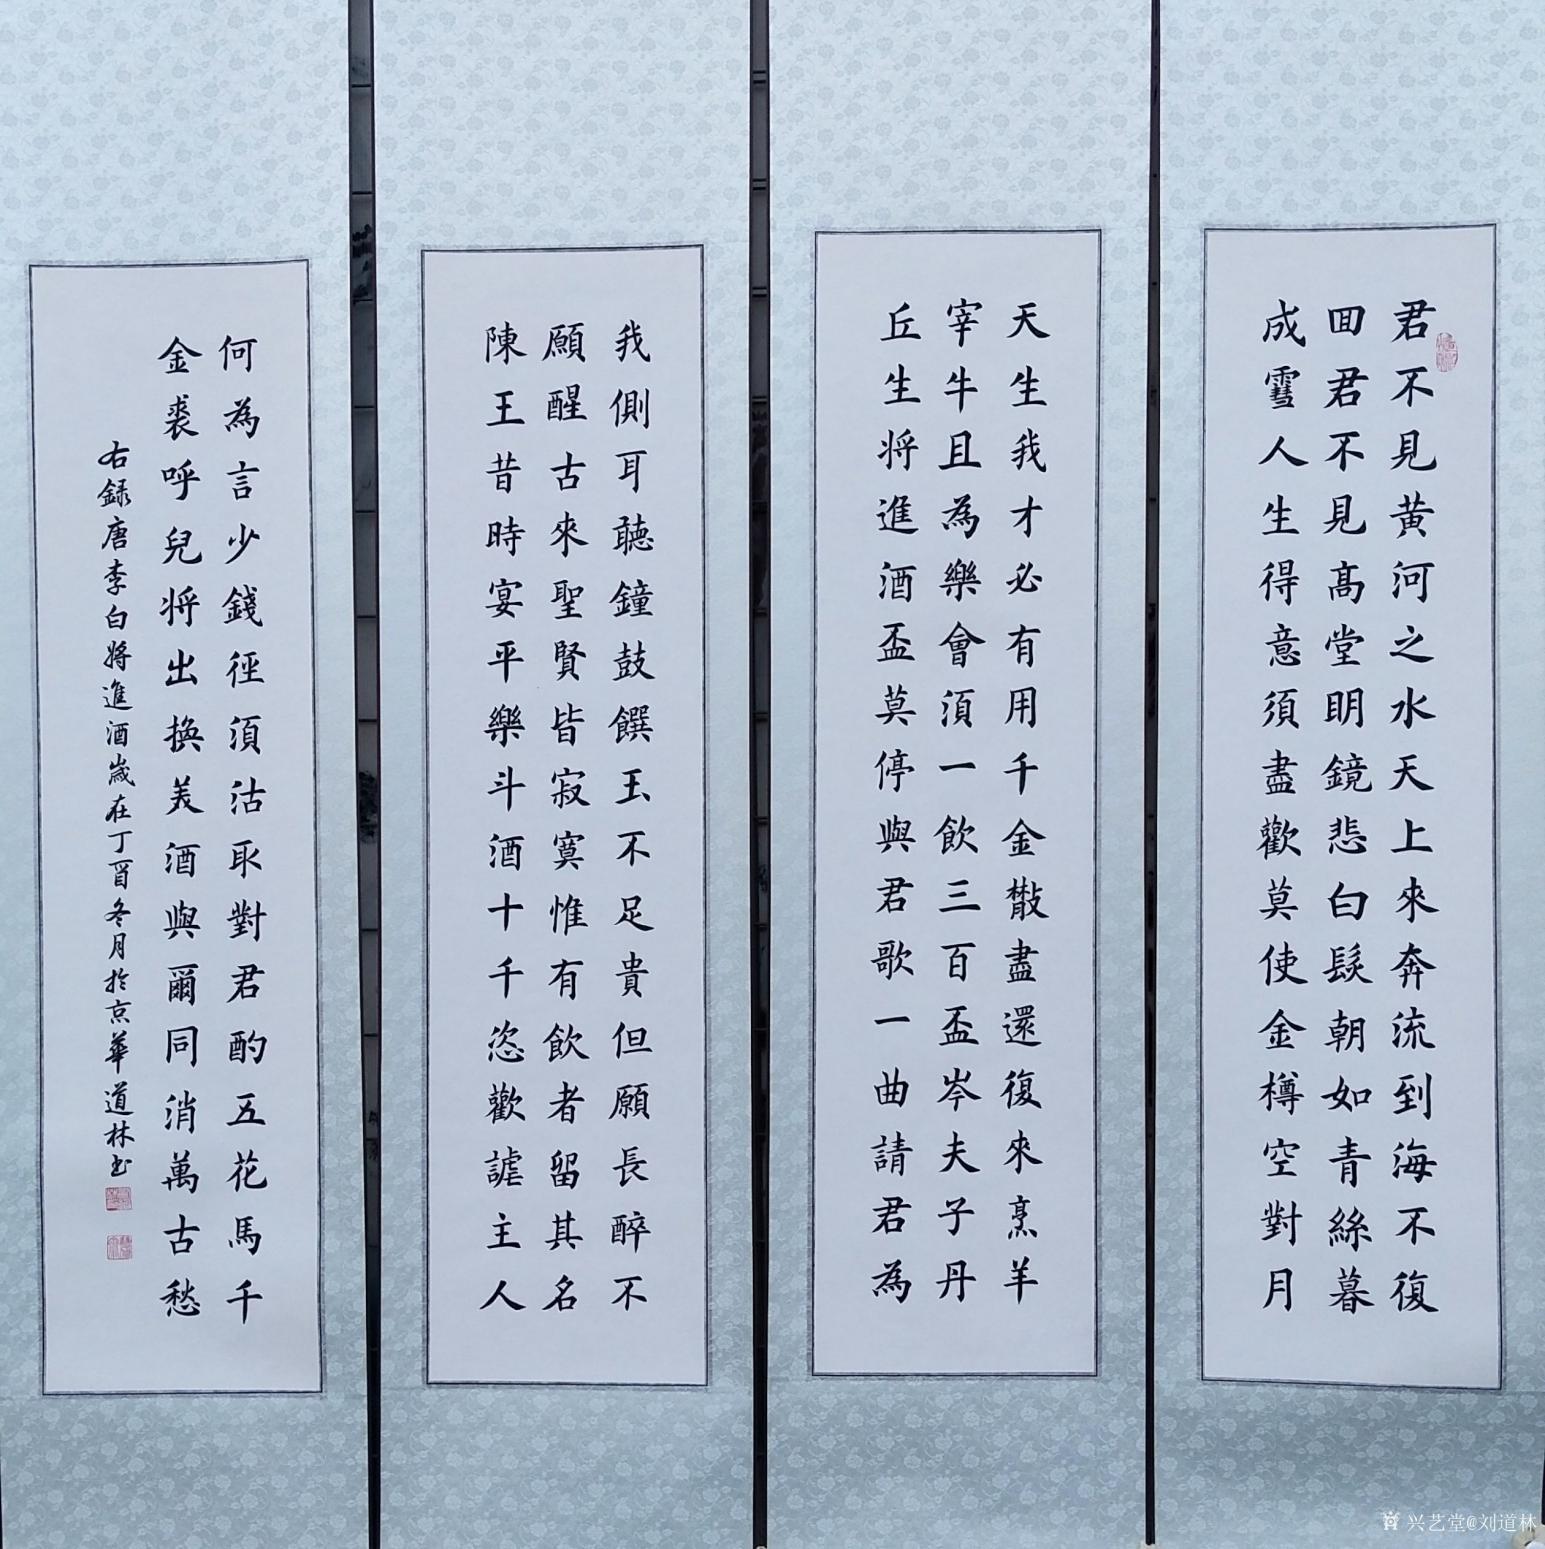 刘道林书法作品《李白将进酒四条屛》【图0】